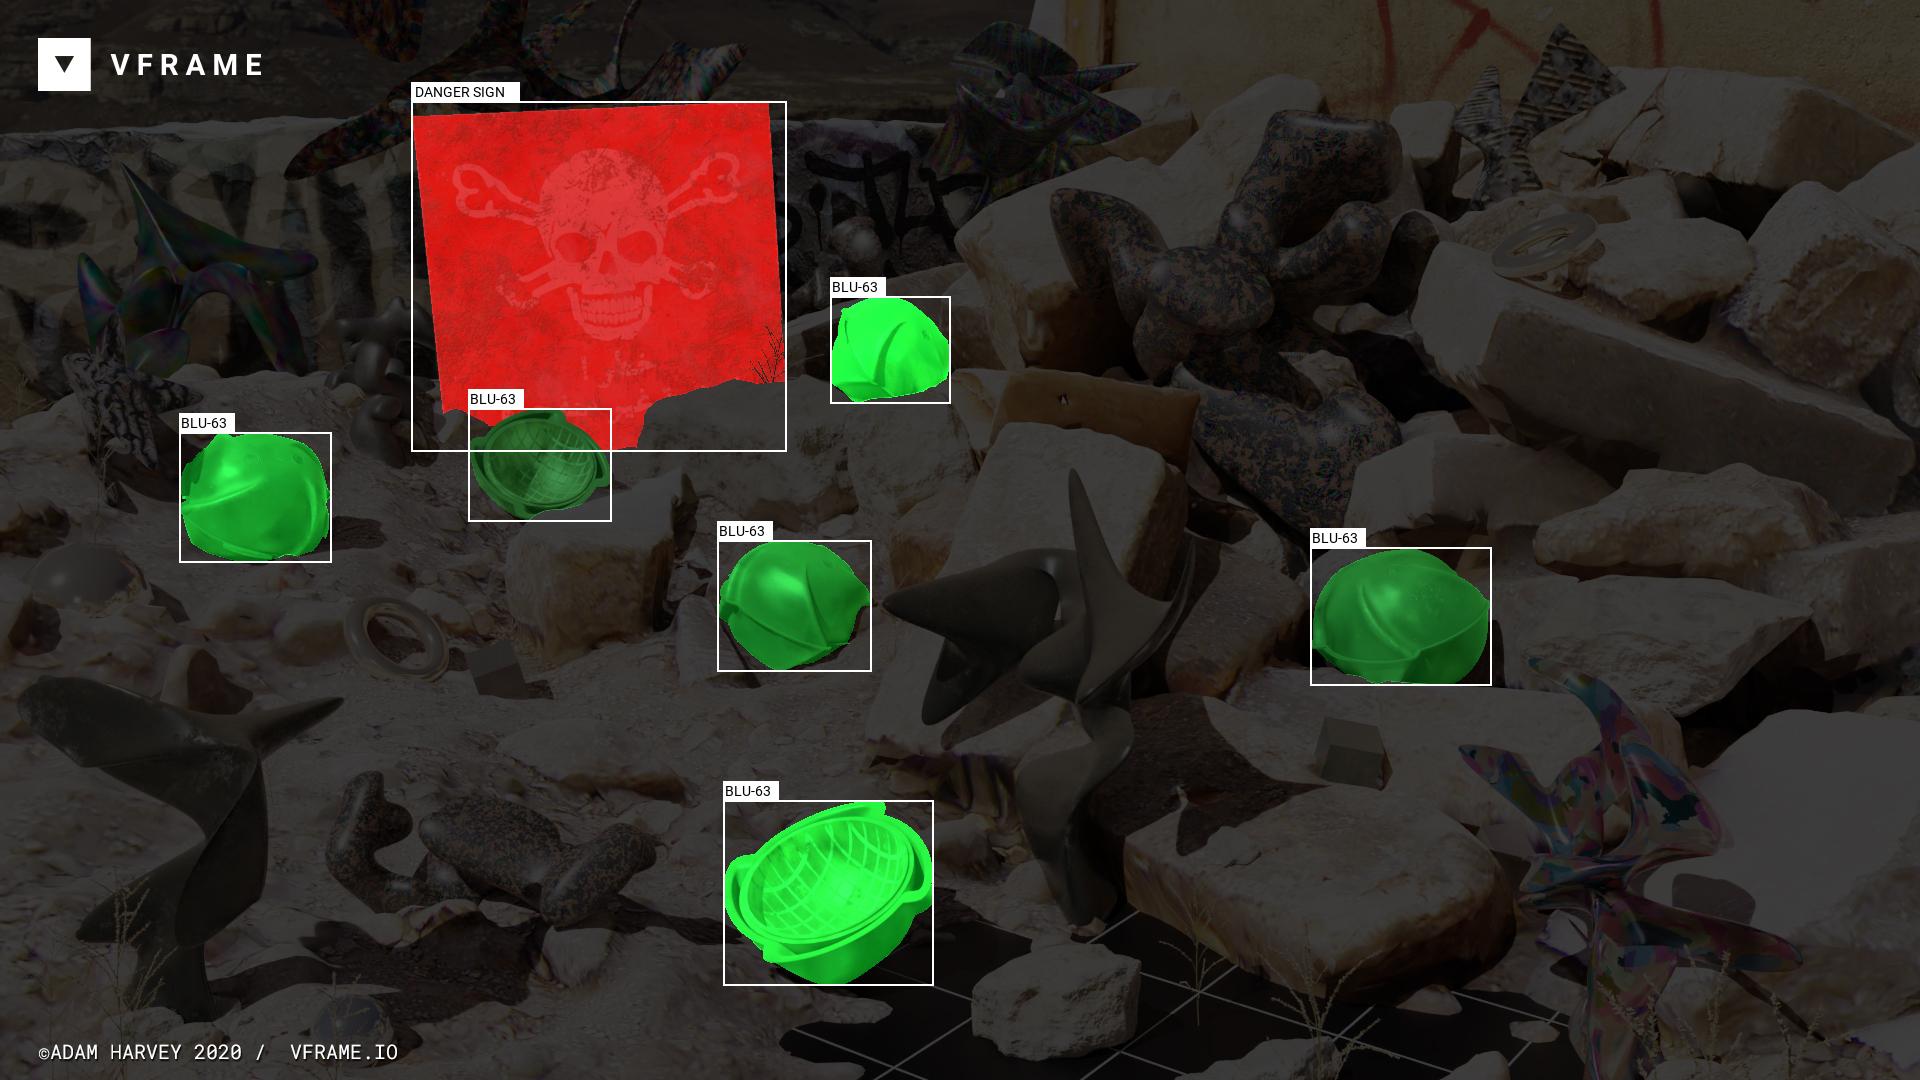 人権団体がAI活用、映像から戦争犯罪の証拠を機械学習で検出